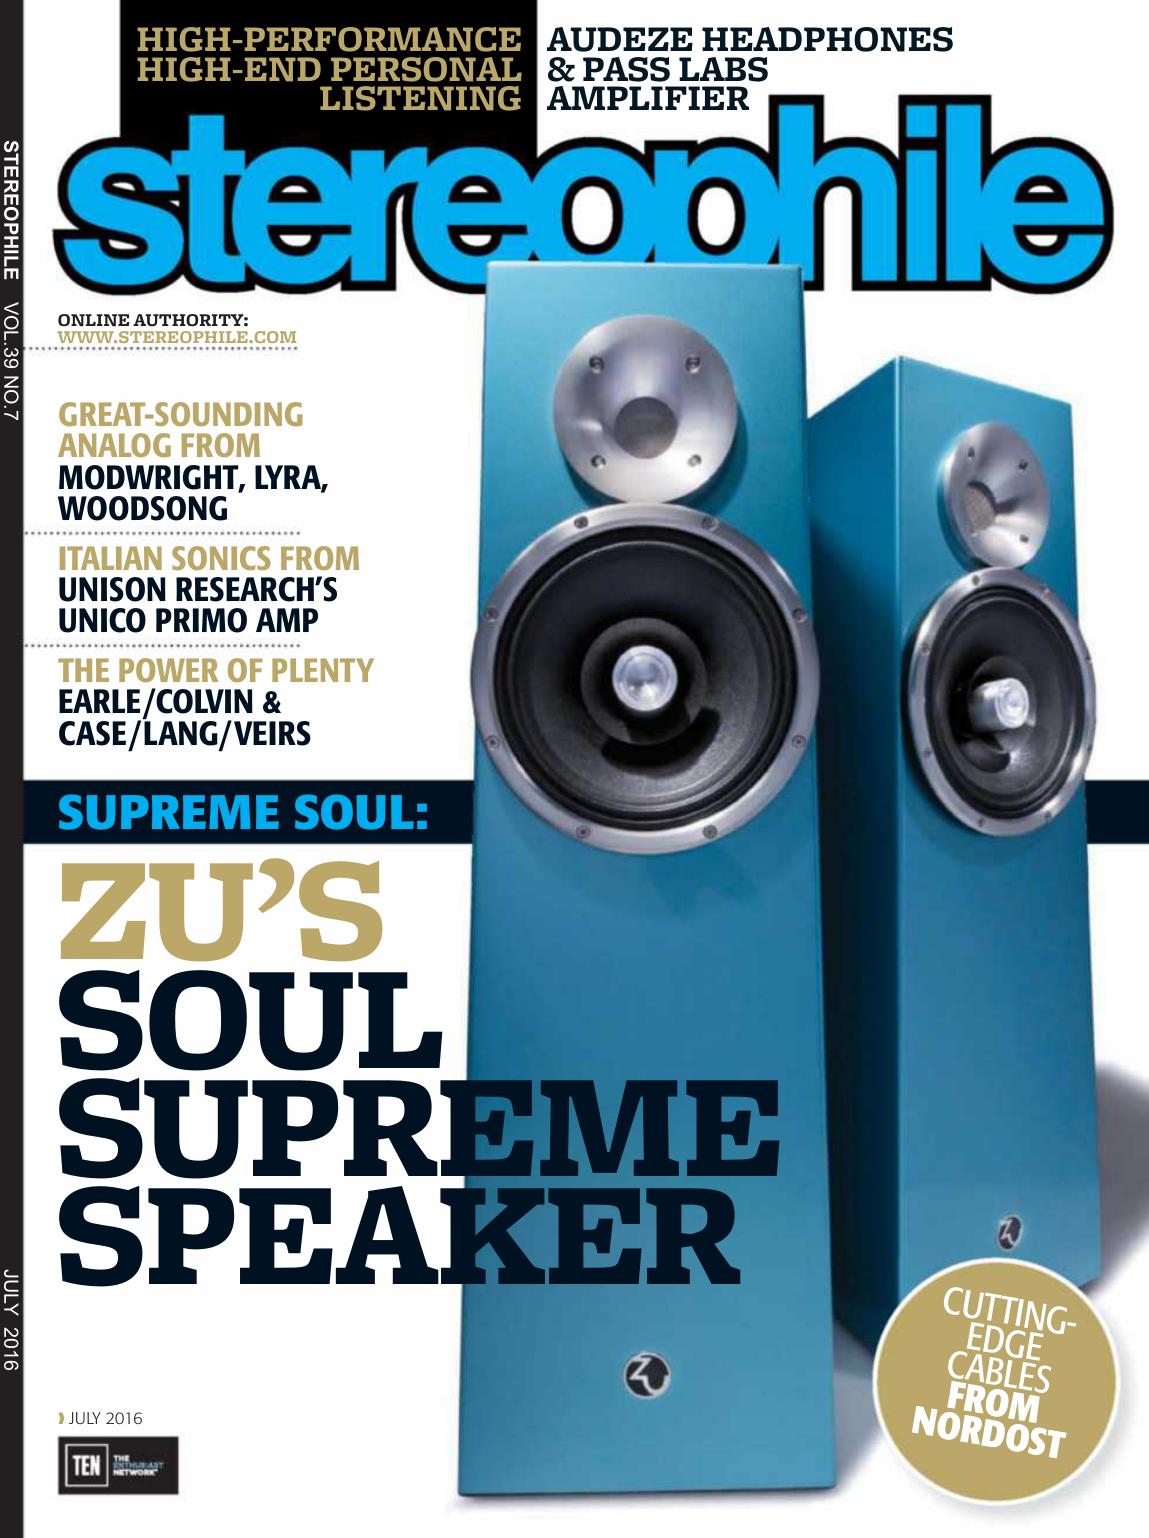 Stereophile - July 2016 - Ebook-dl | manualzz.com